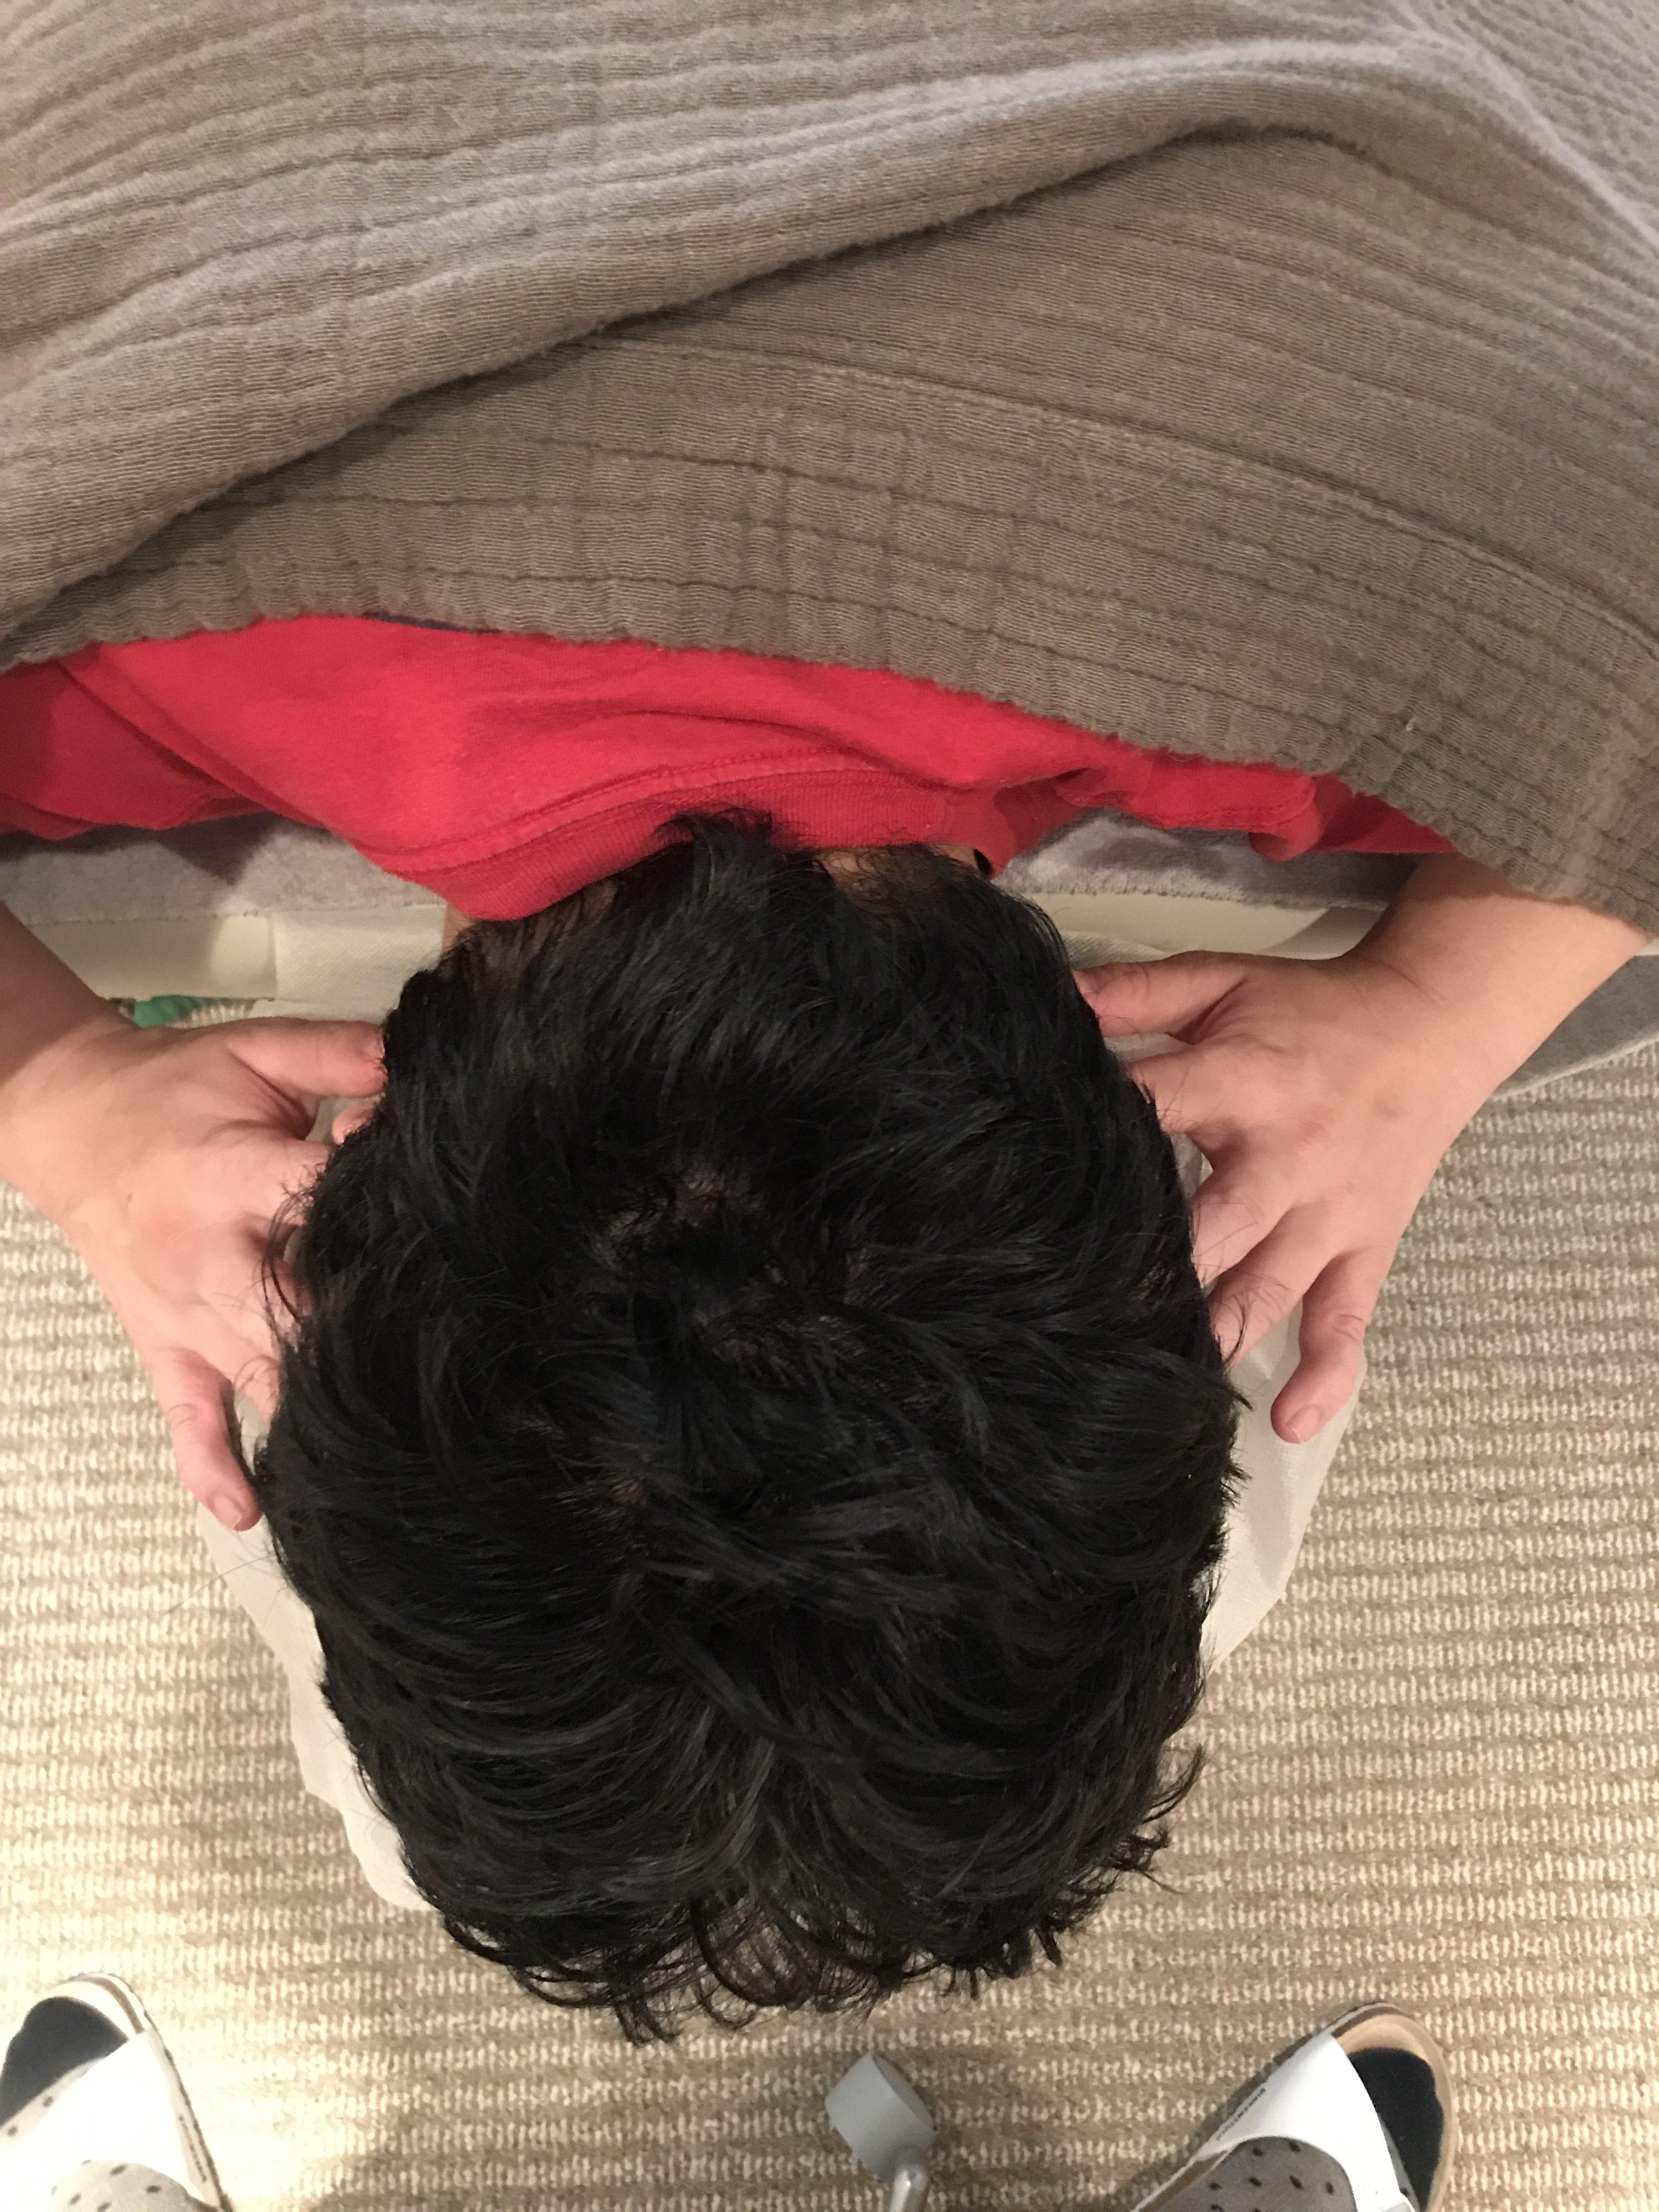 耳鳴りと頭蓋骨のねじれ(耳の位置のずれ)